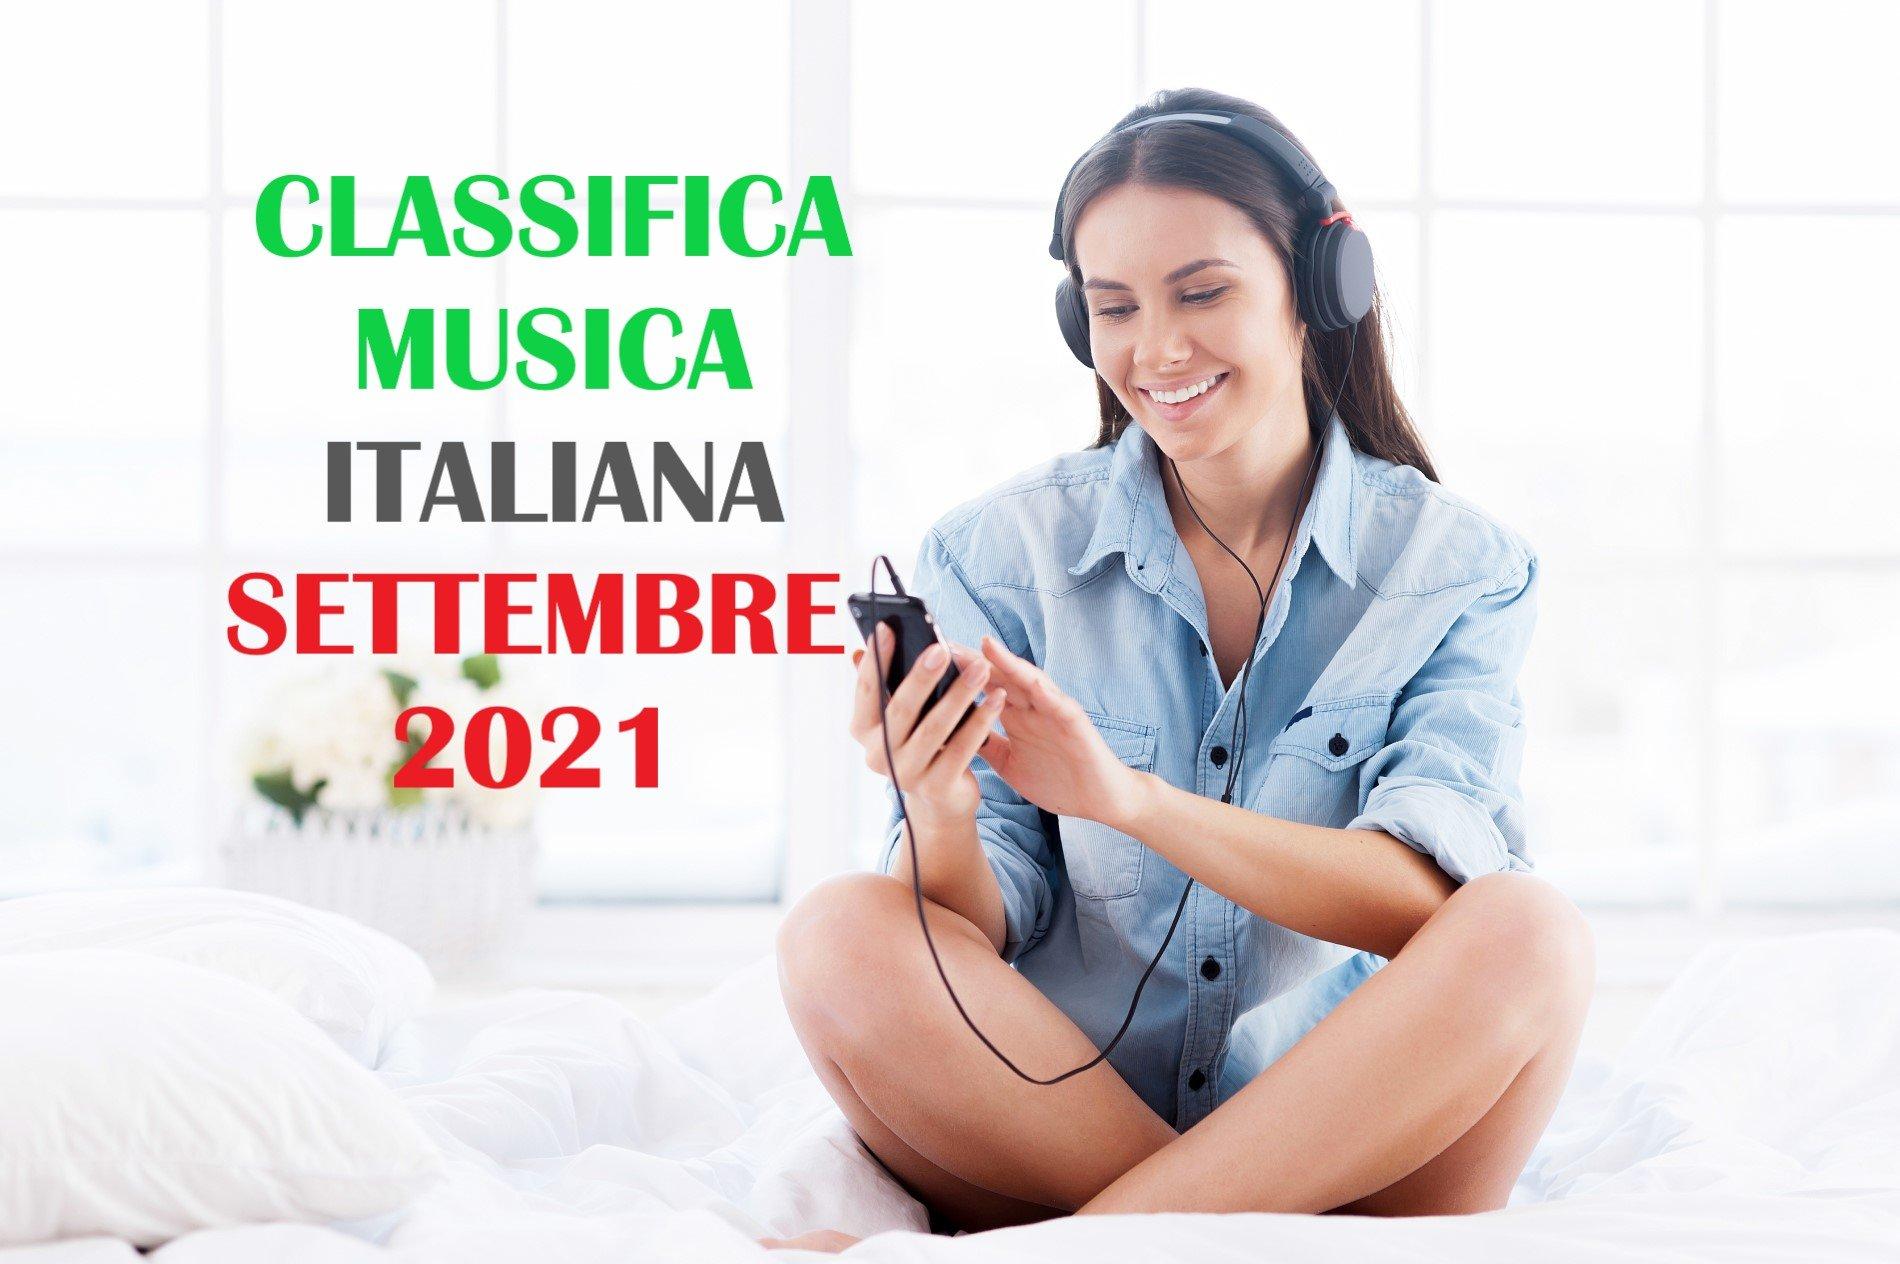 CLASSIFICA MUSICA ITALIANA SETTEMBRE 2021 – CANZONI ITALIANE SETTEMBRE 2021